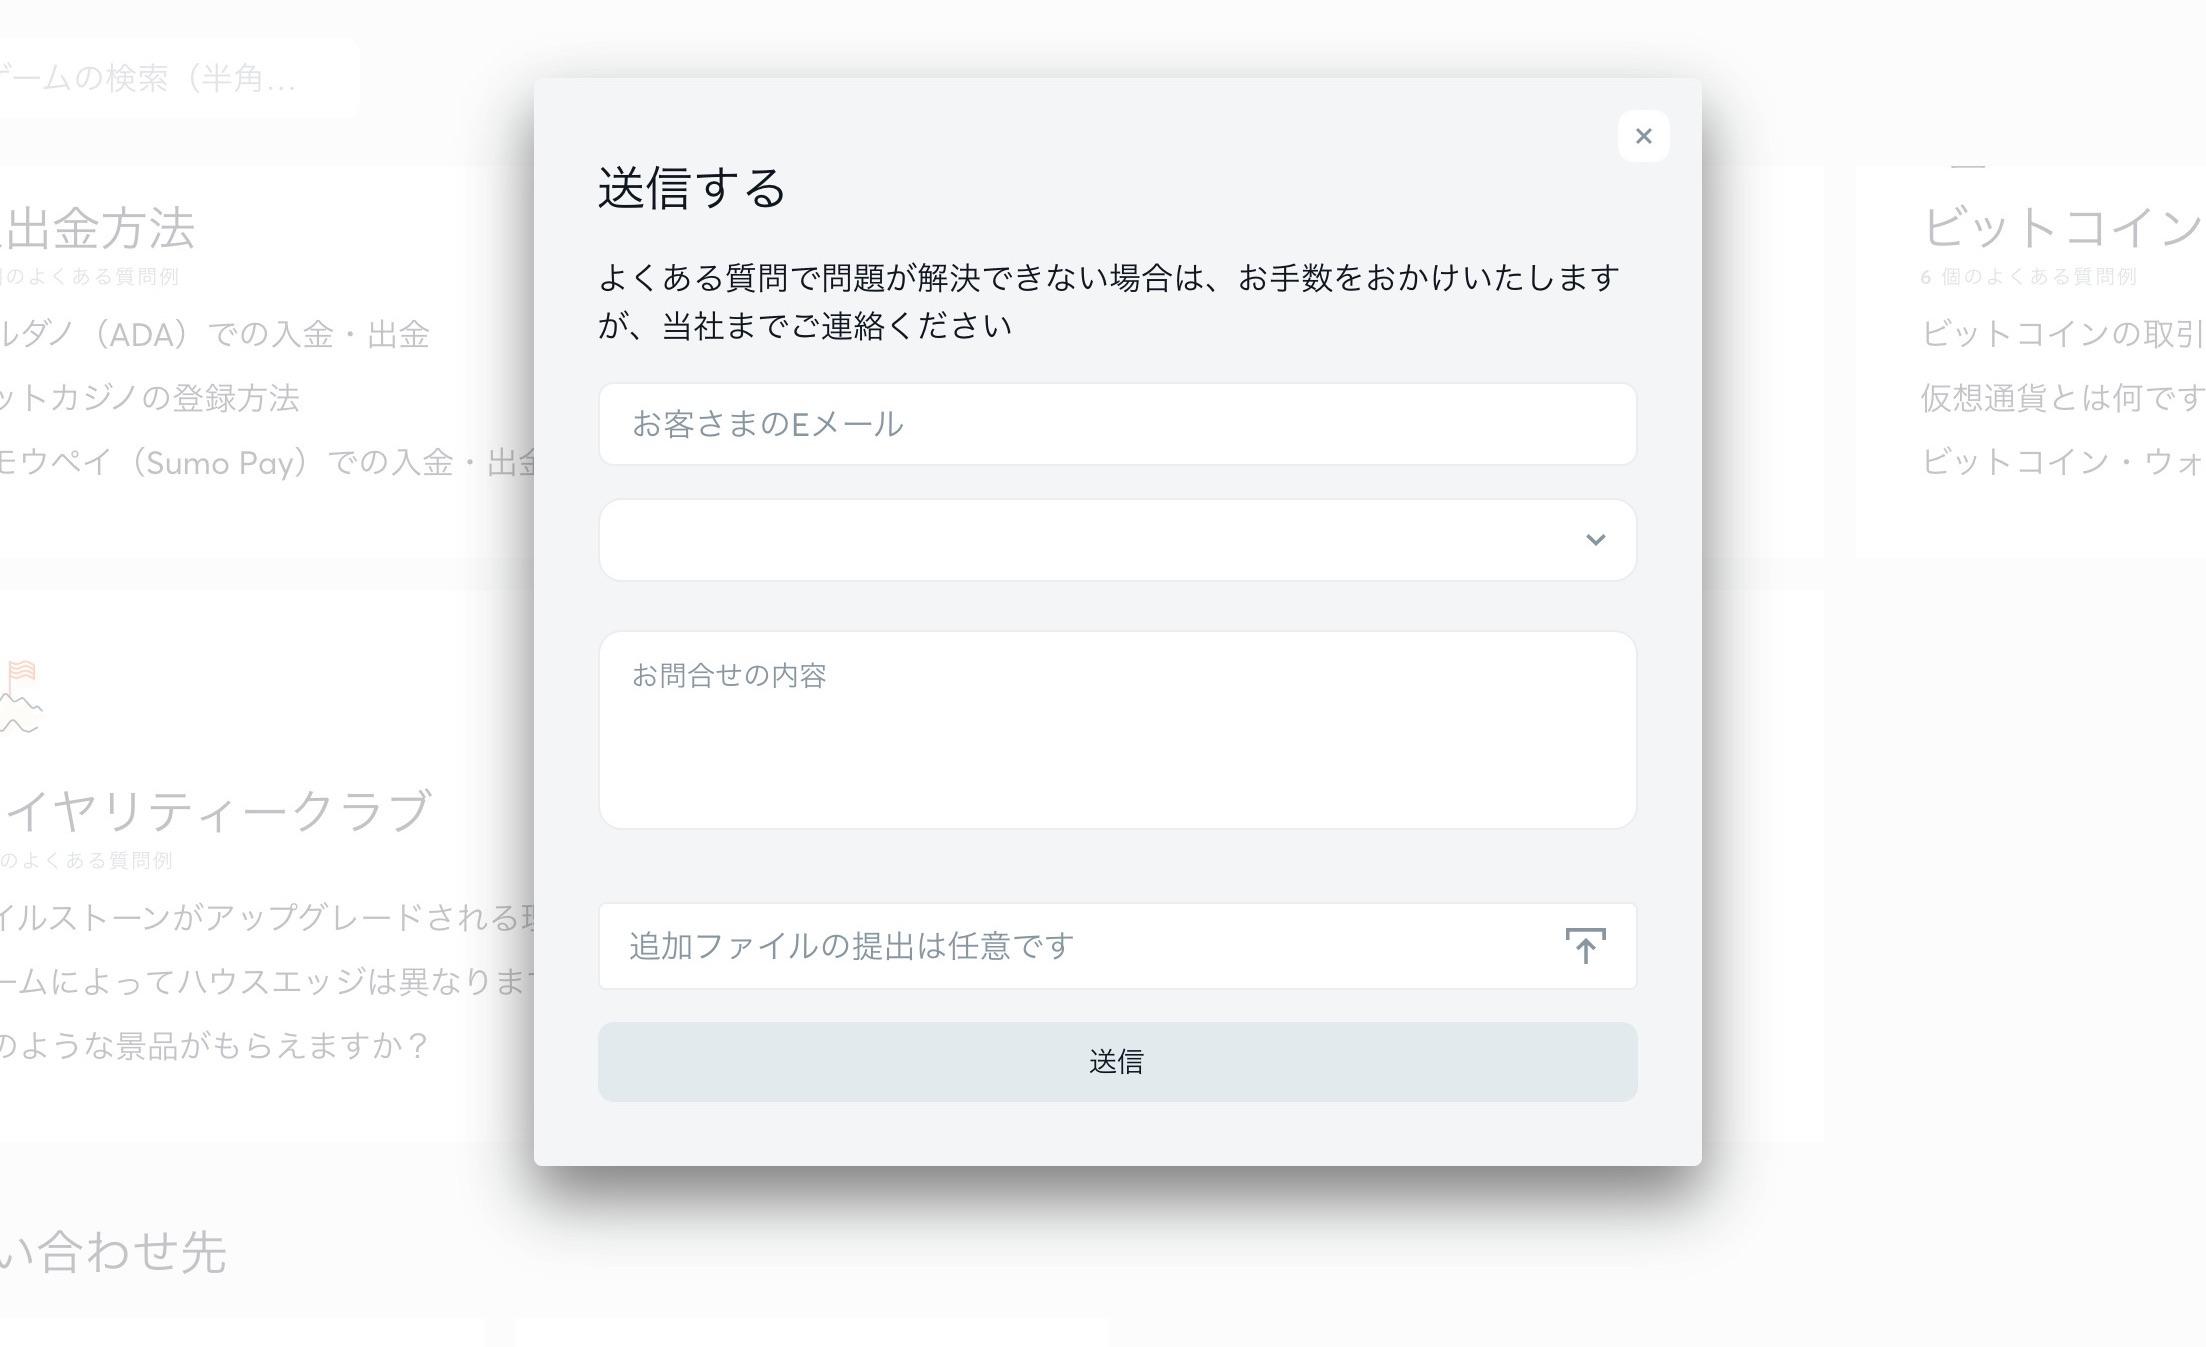 ビットコインのメールサポート